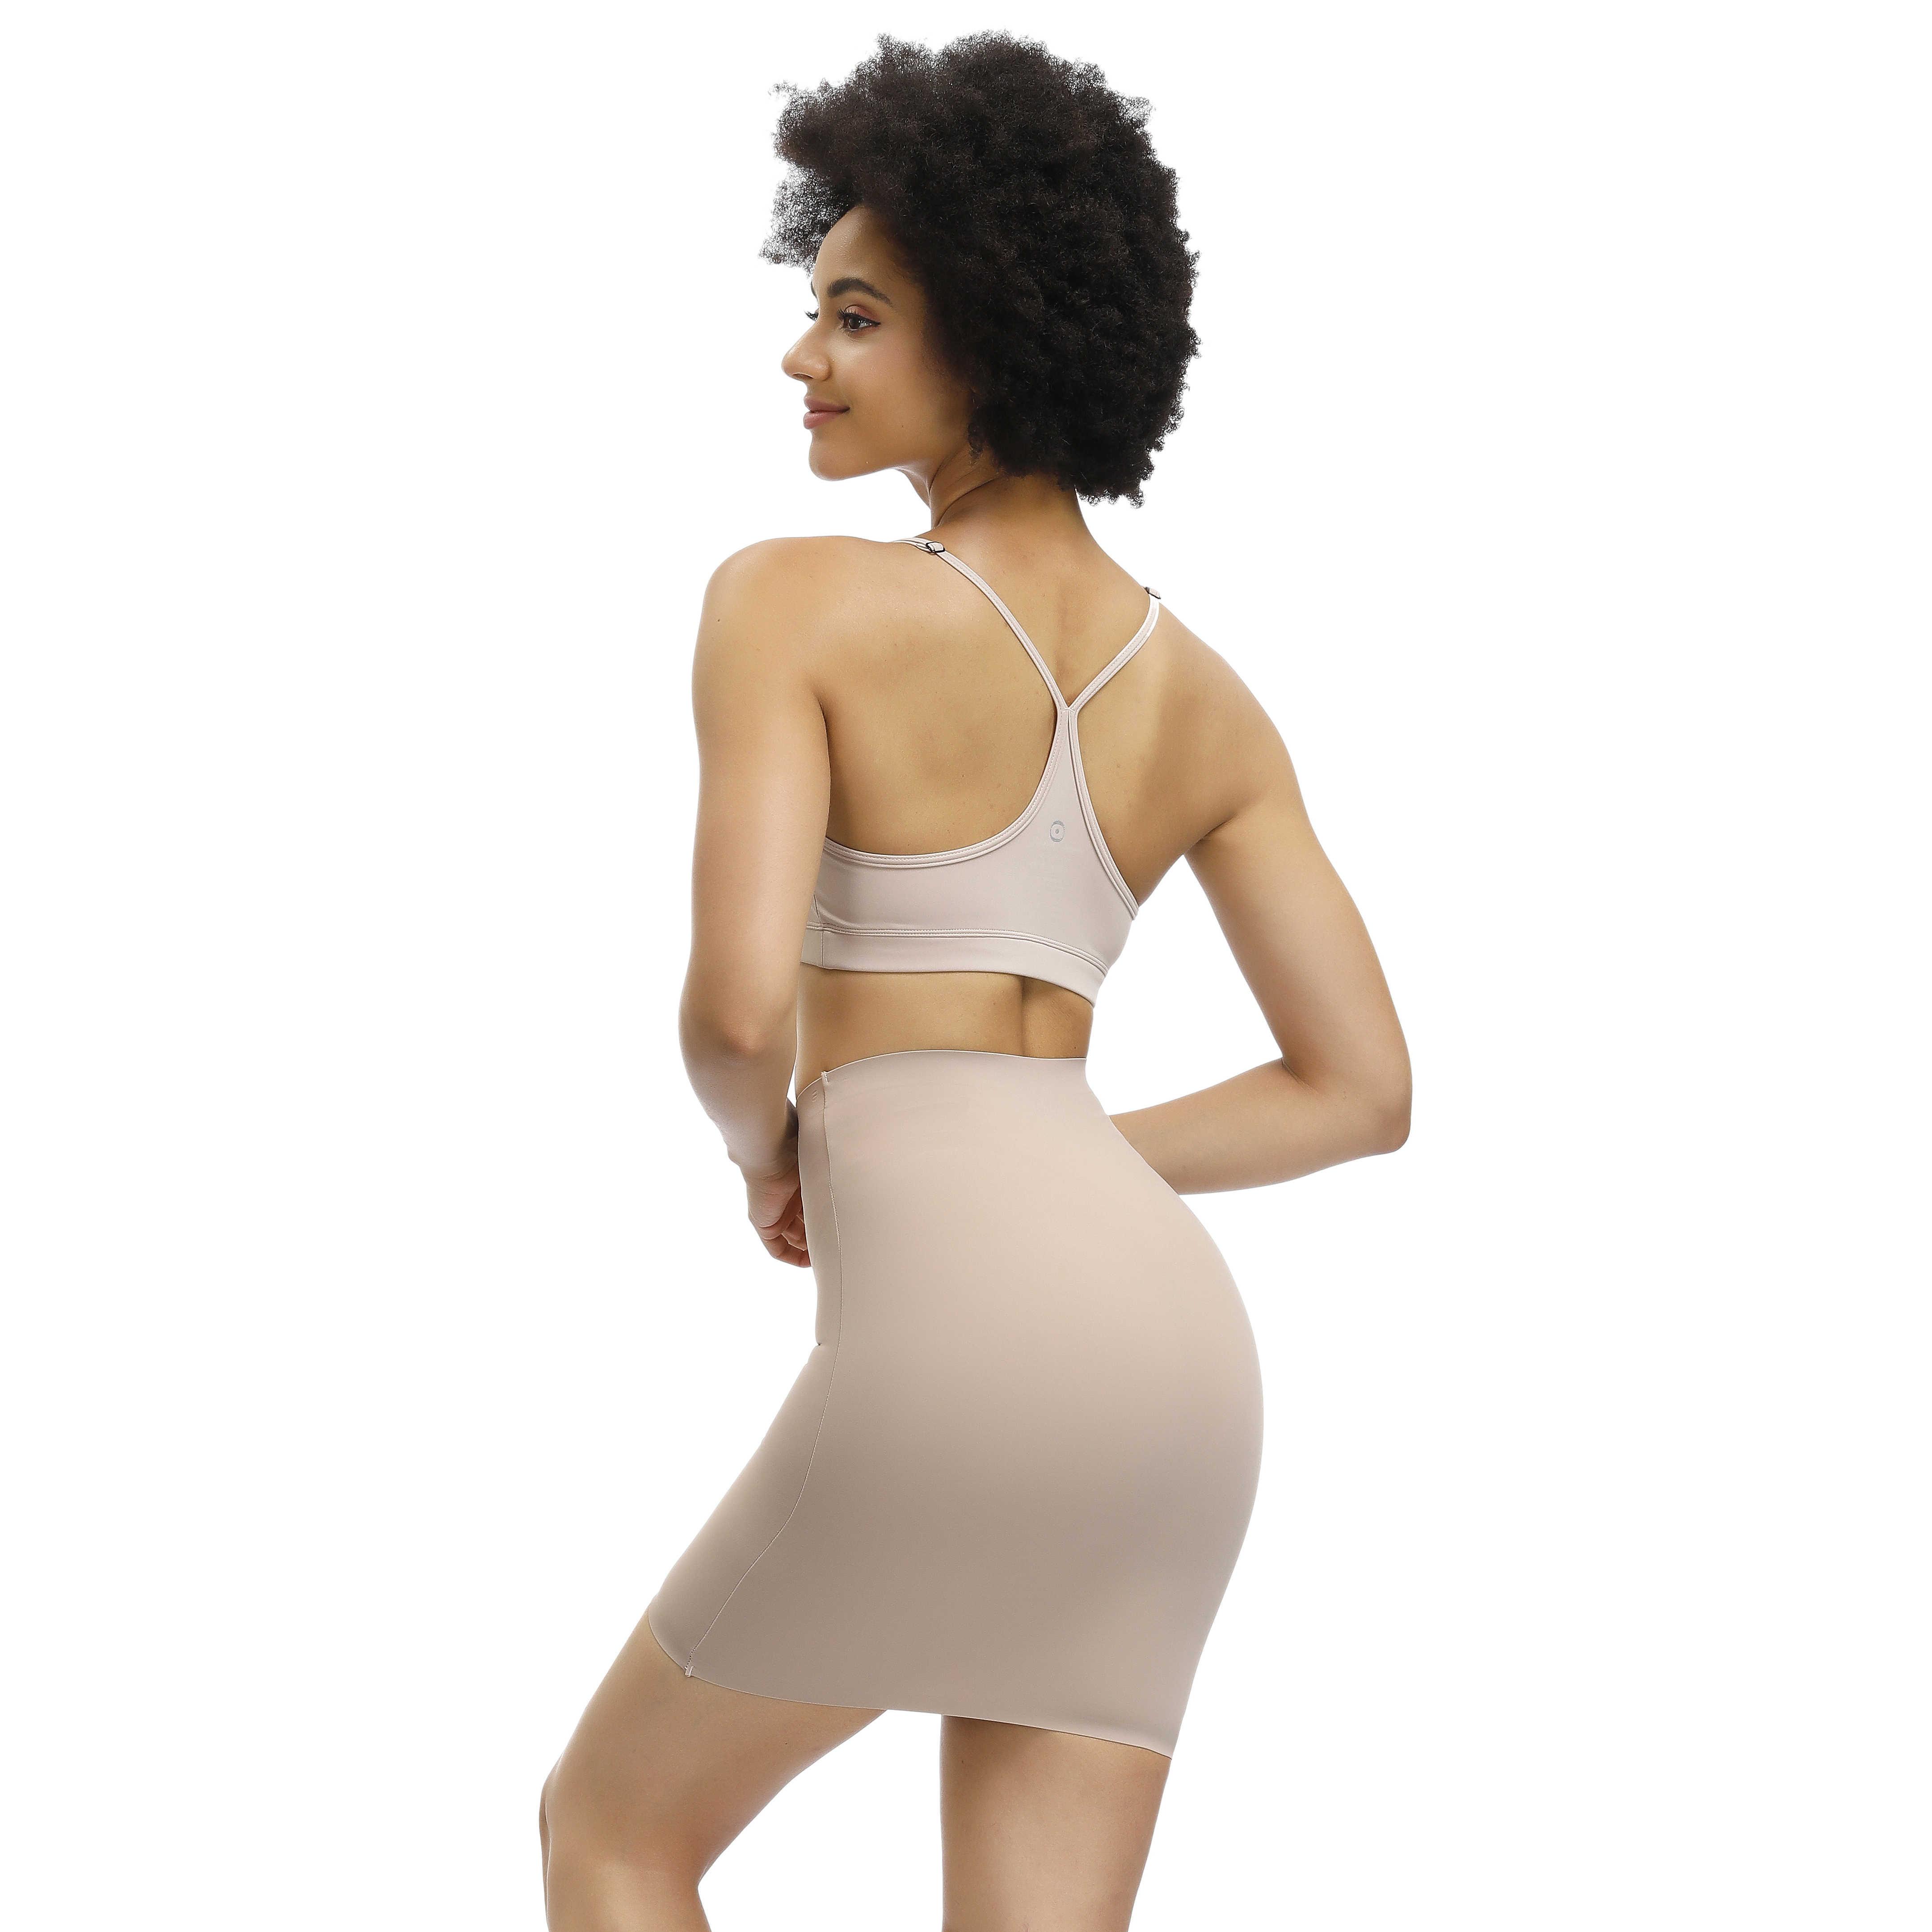 Vêtement Sexy pour femmes, corps Skinny, taille haute, releveur de fesses, dessous, contrôle étroit sans couture, minceur, corset